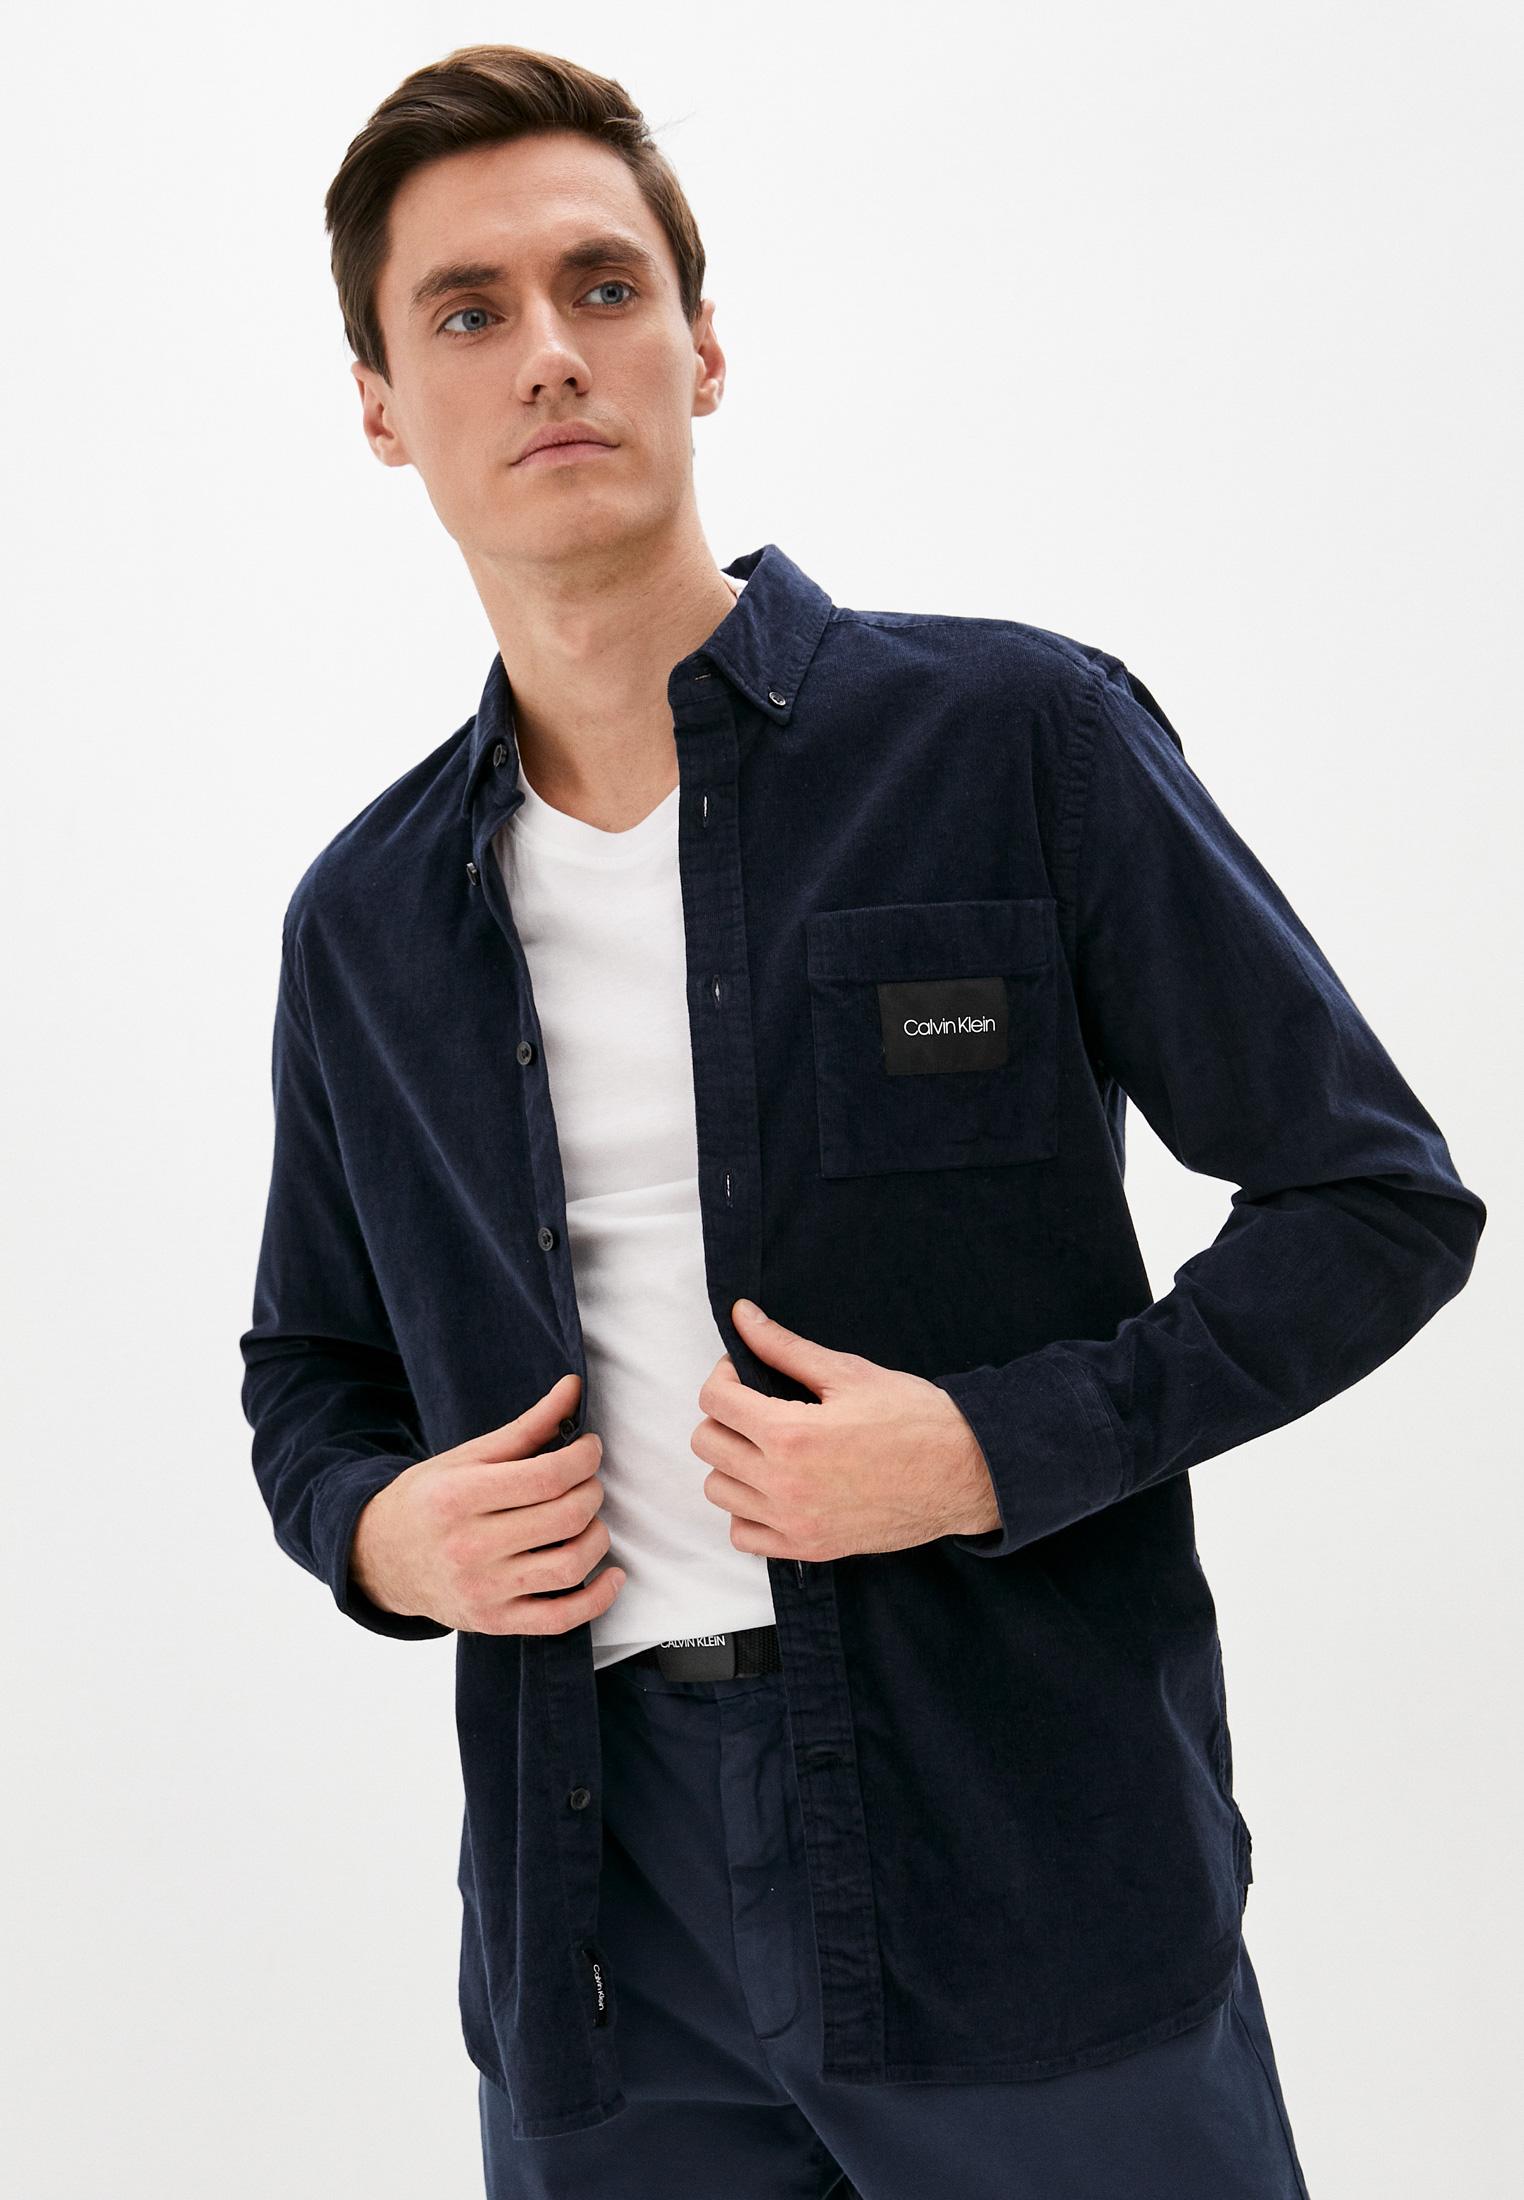 Рубашка с длинным рукавом Calvin Klein (Кельвин Кляйн) Рубашка Calvin Klein